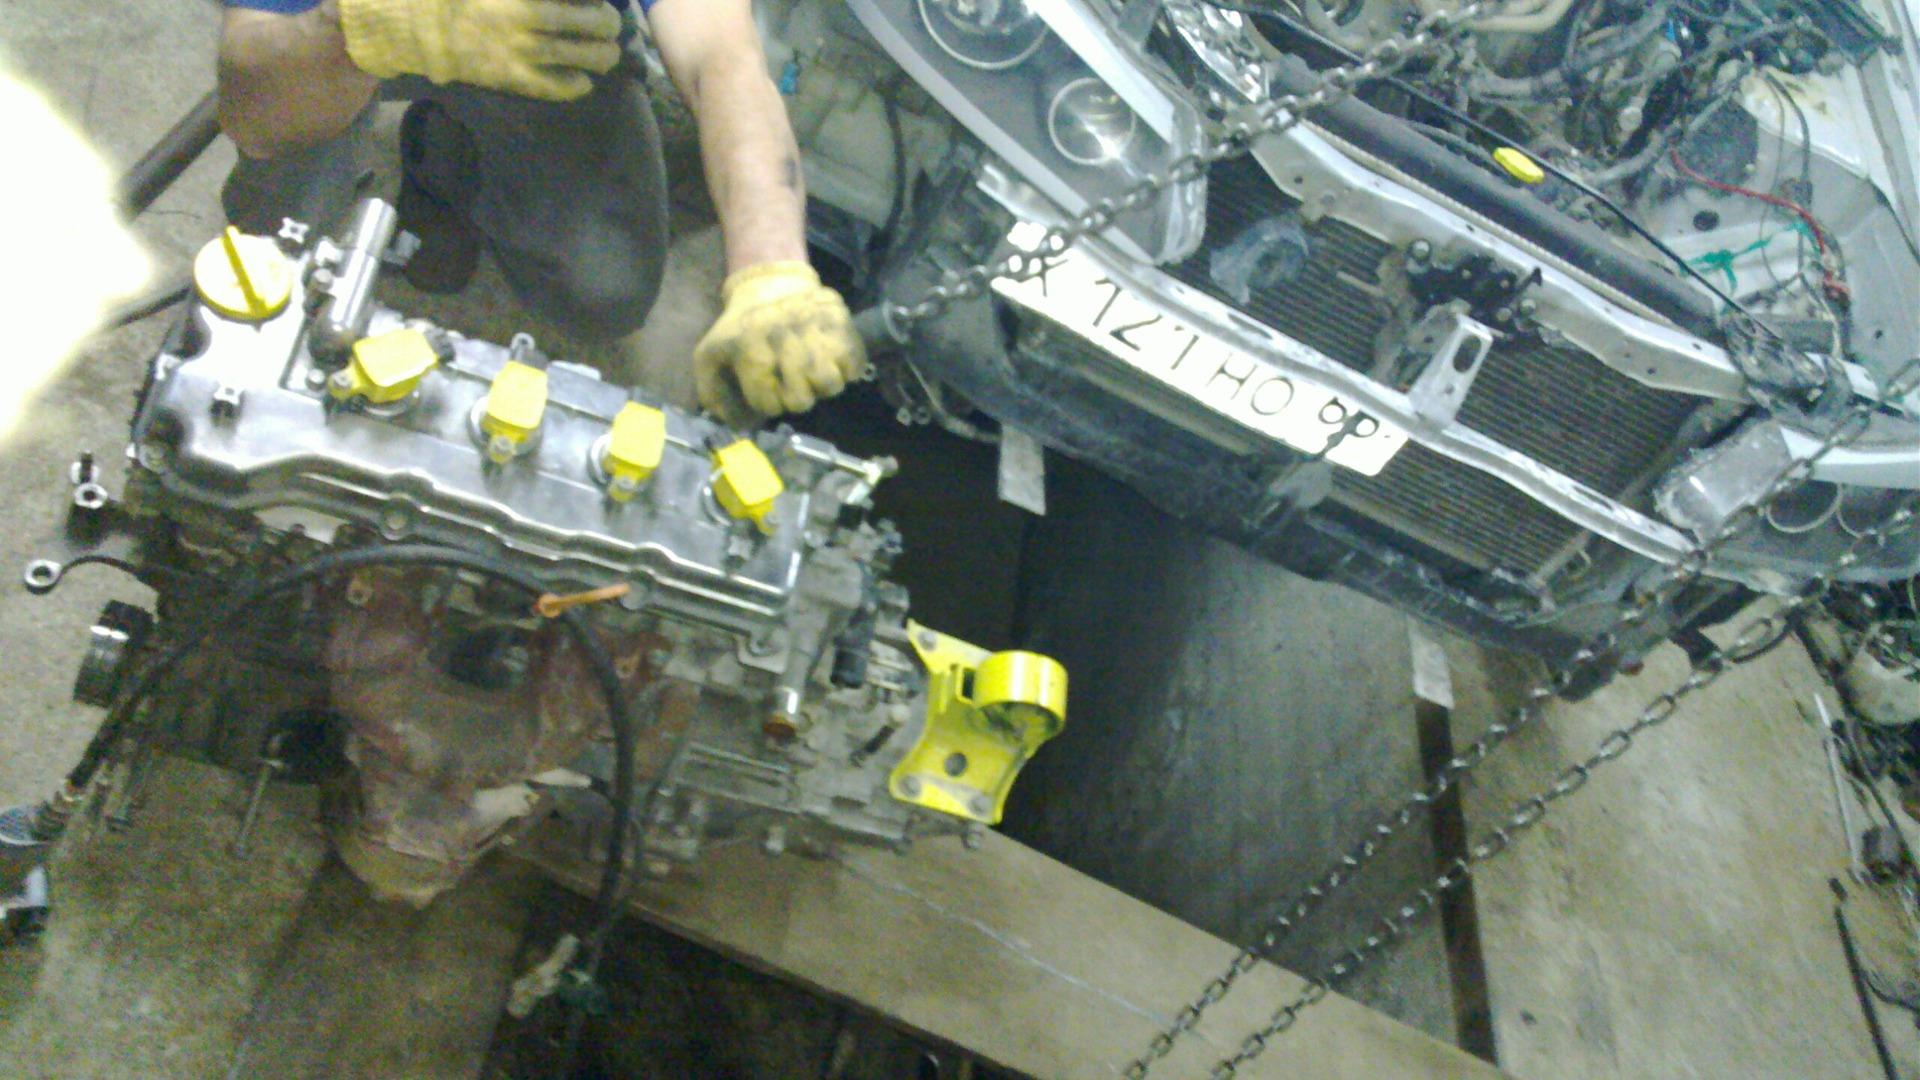 снятие двигателя ниссан альмера классик схема фото была одета